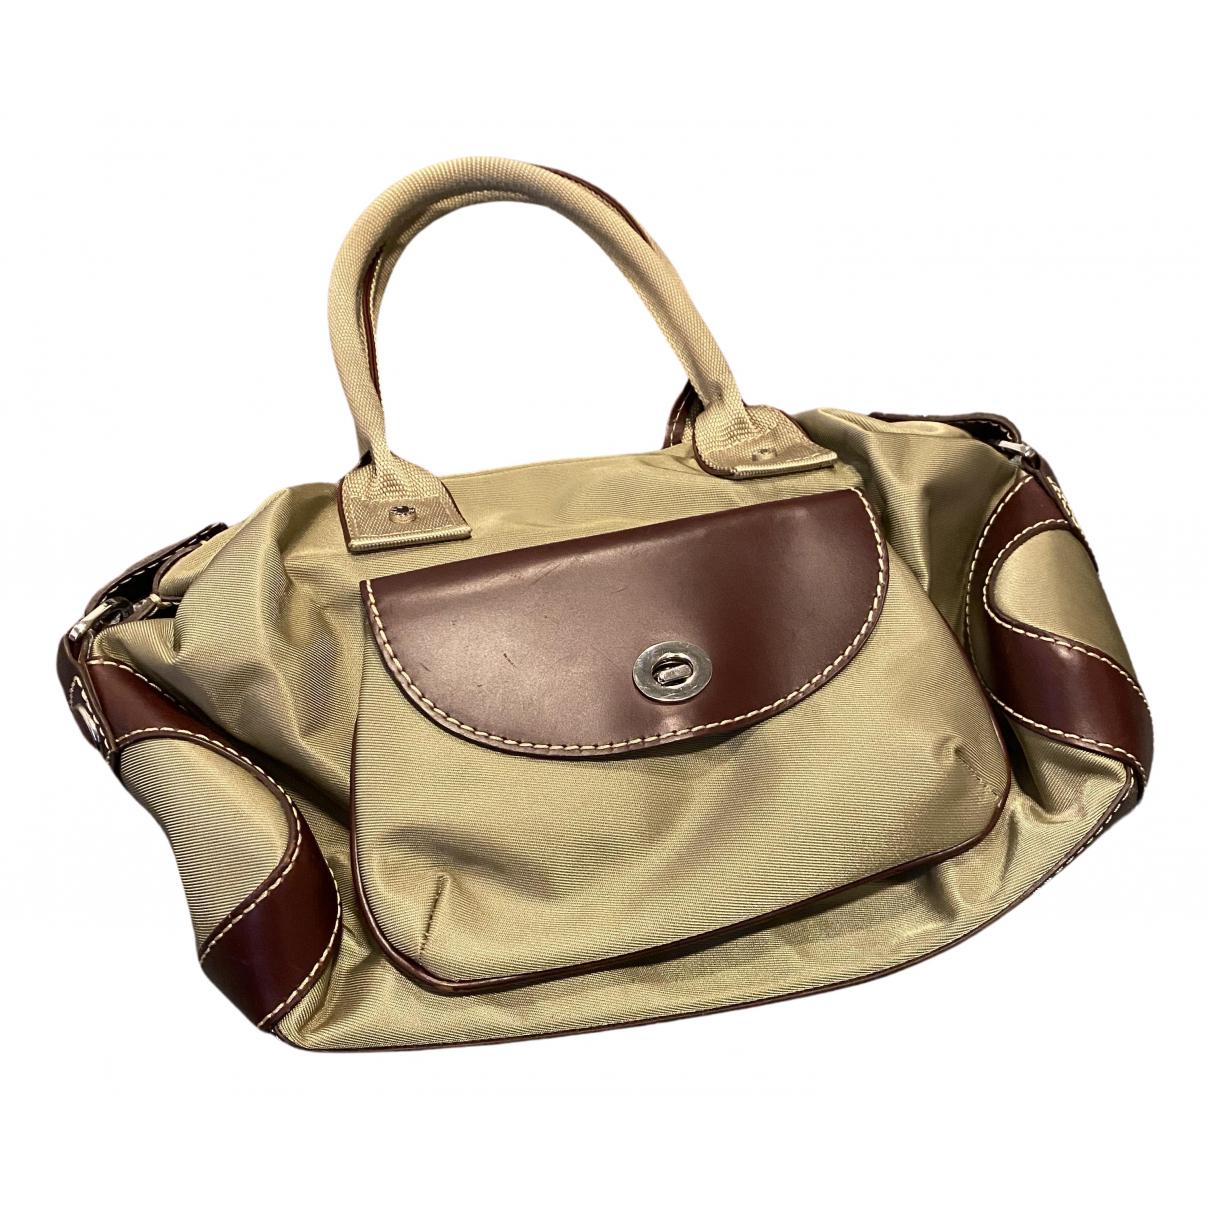 Lancel \N Handtasche in  Khaki Polyester